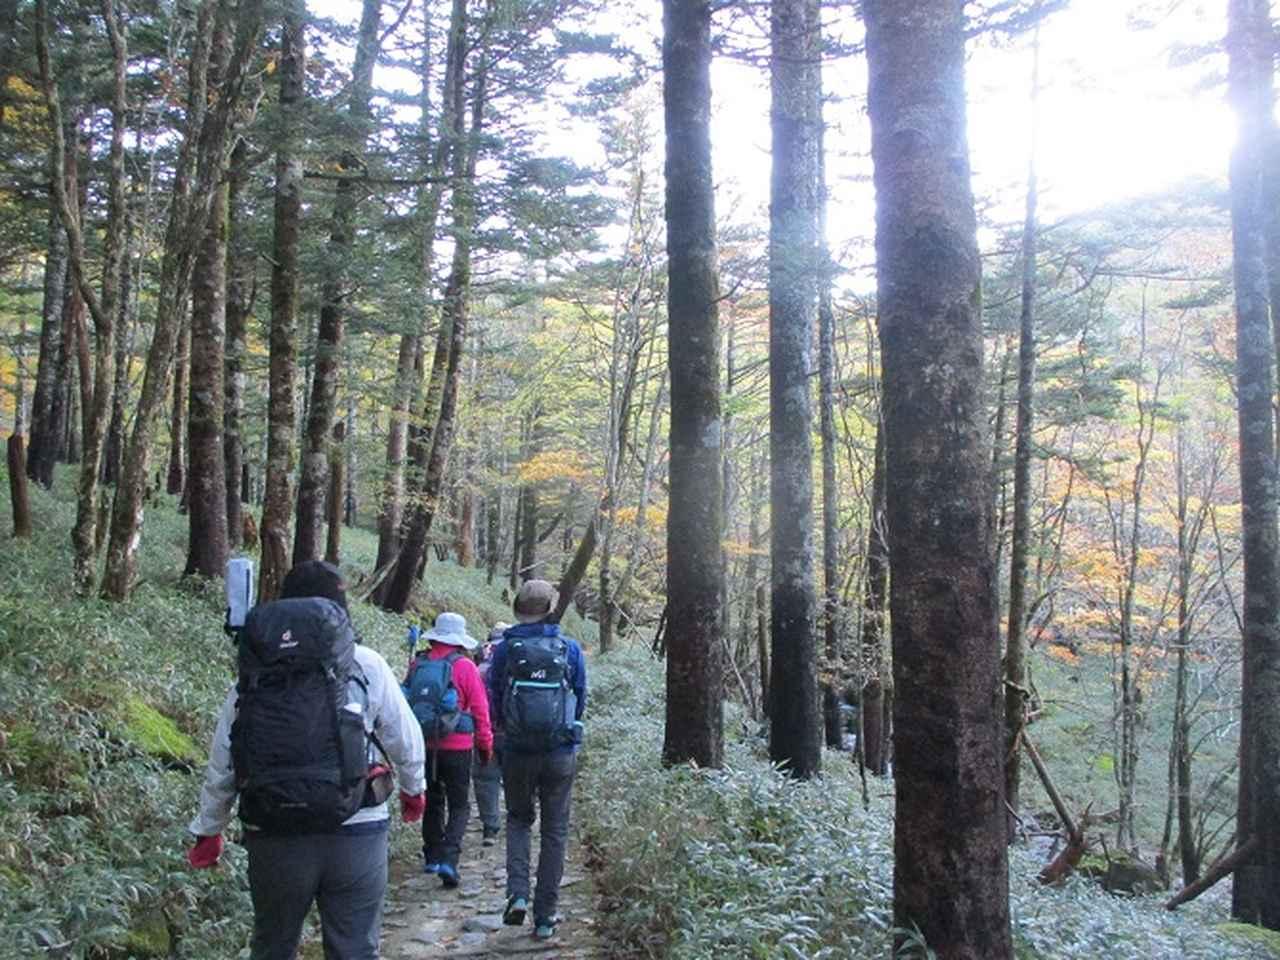 画像1: 先日10月23日より山旅会 大台ヶ原ツアー に行ってきました!